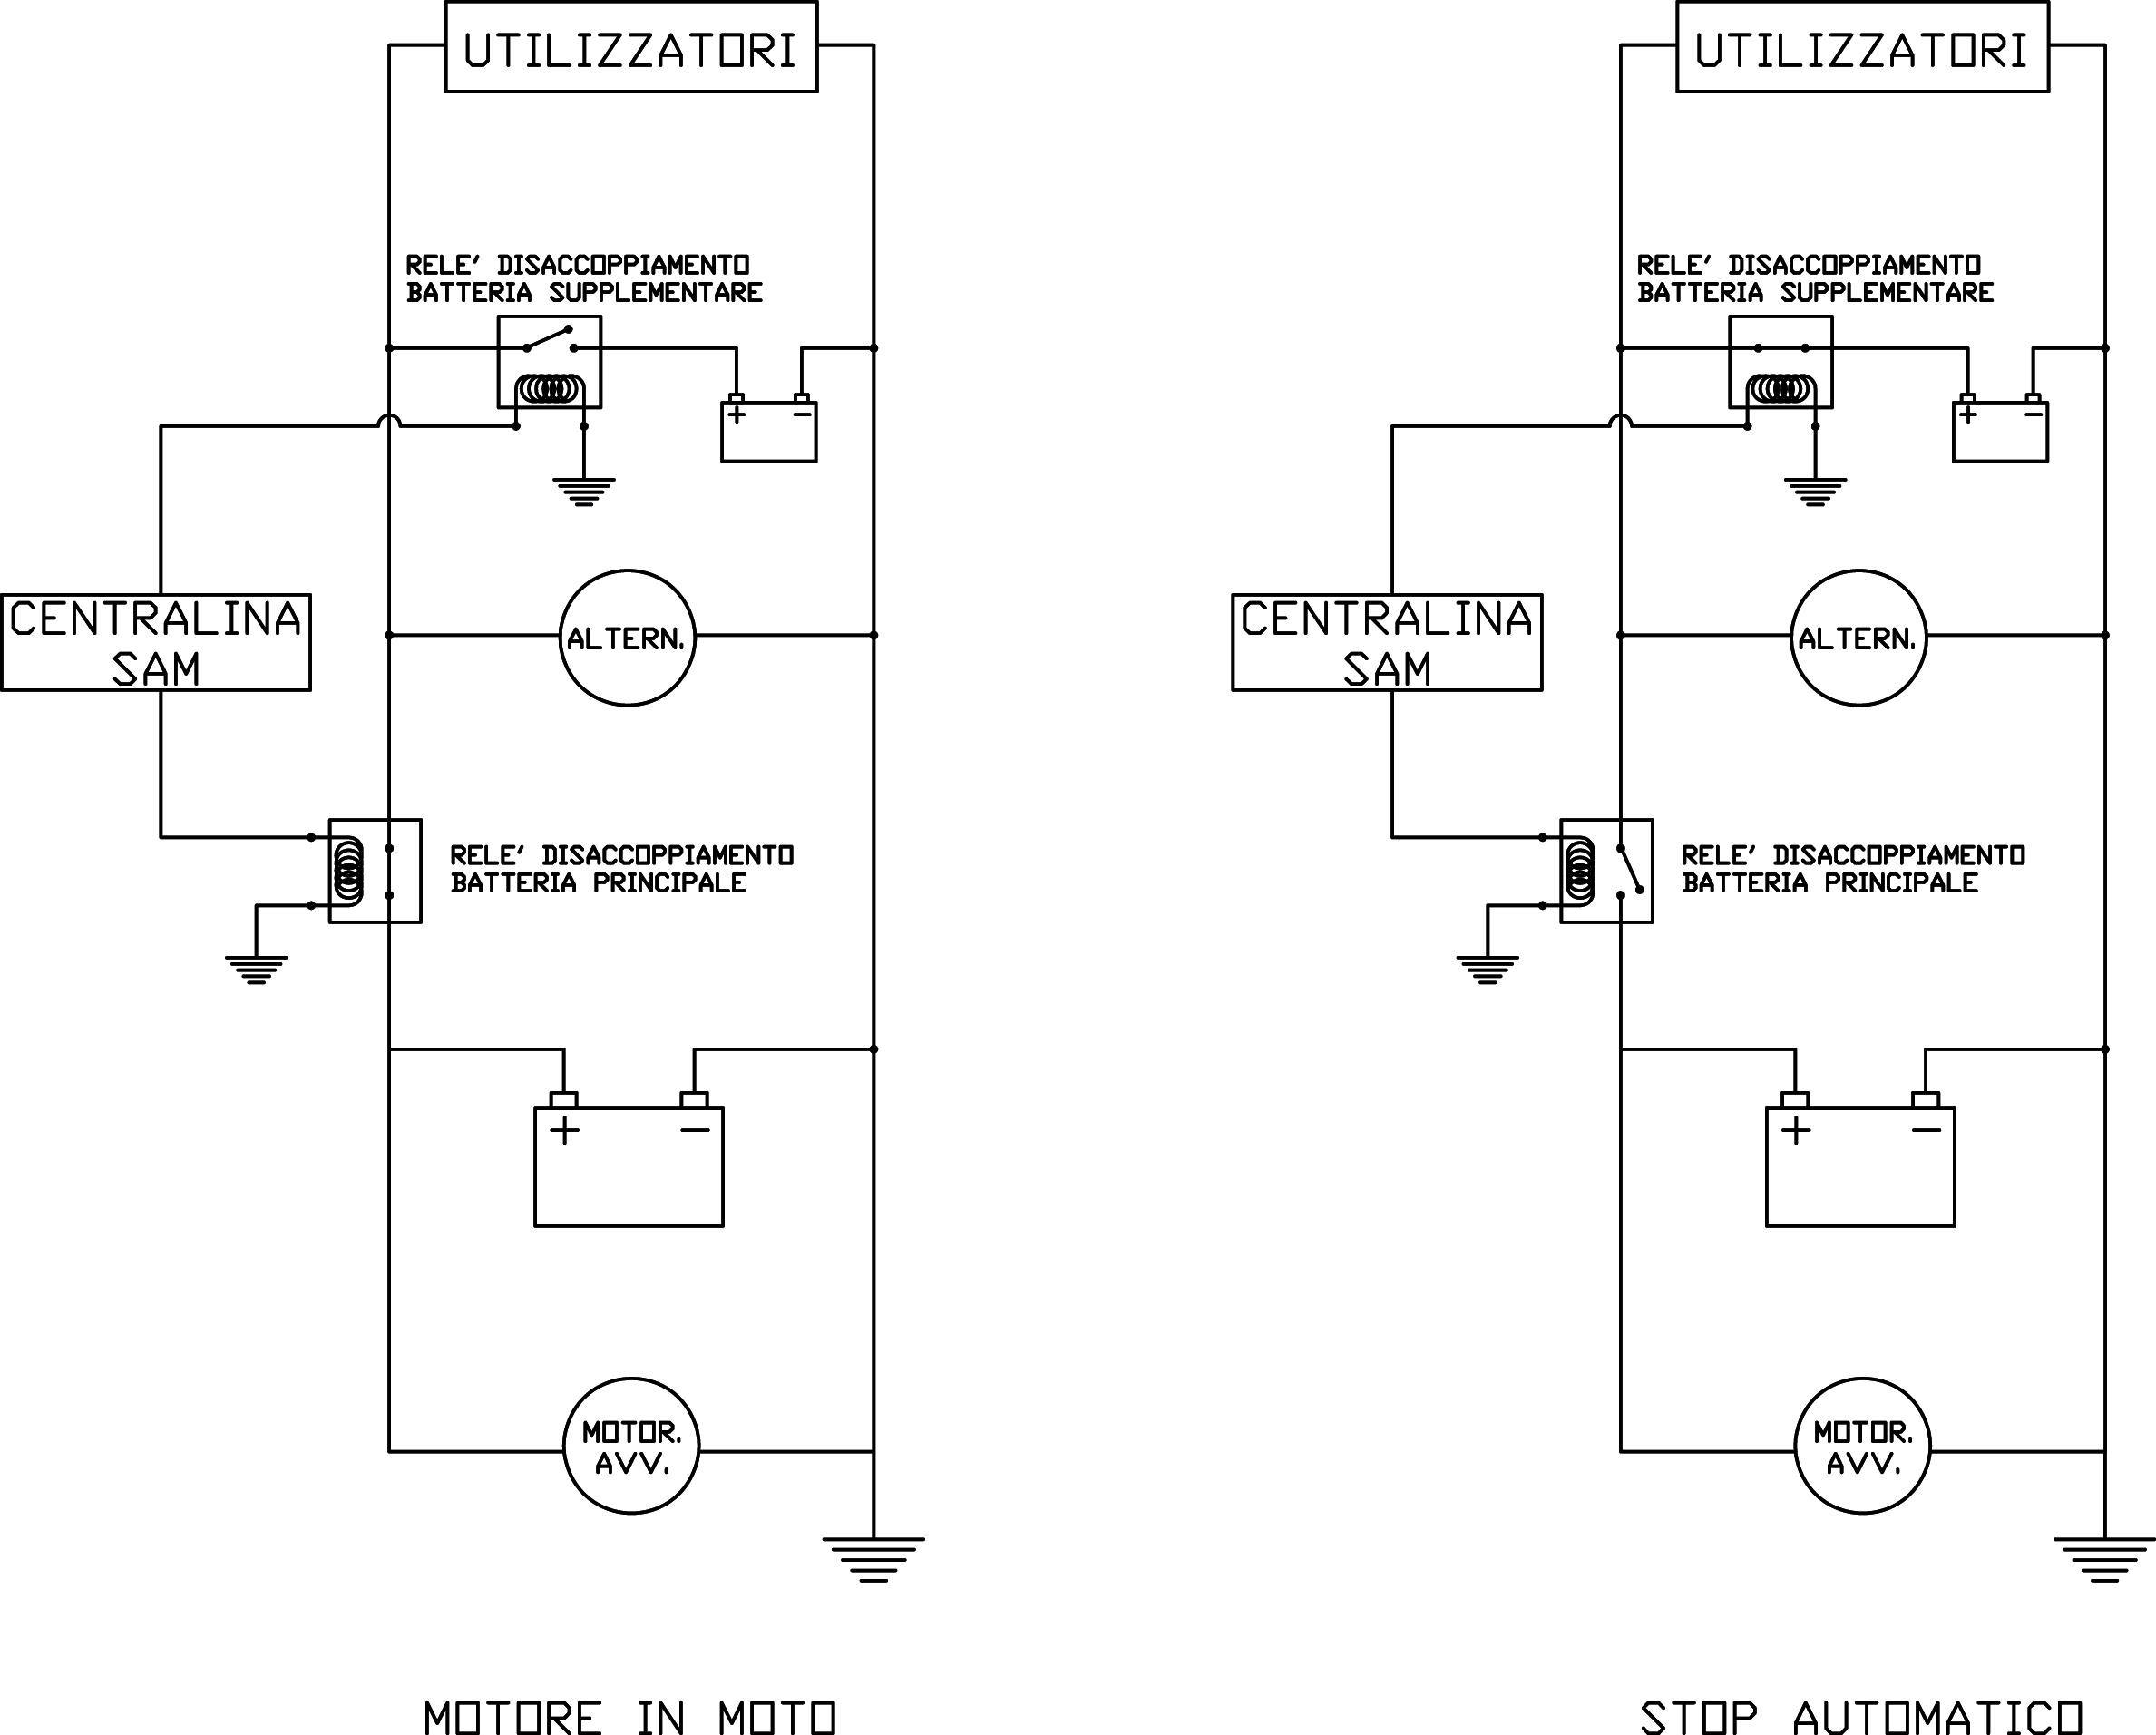 Schema Elettrico Impianto Gas Per Auto : Batteria supplementare per stabilizzazione assorbimenti su